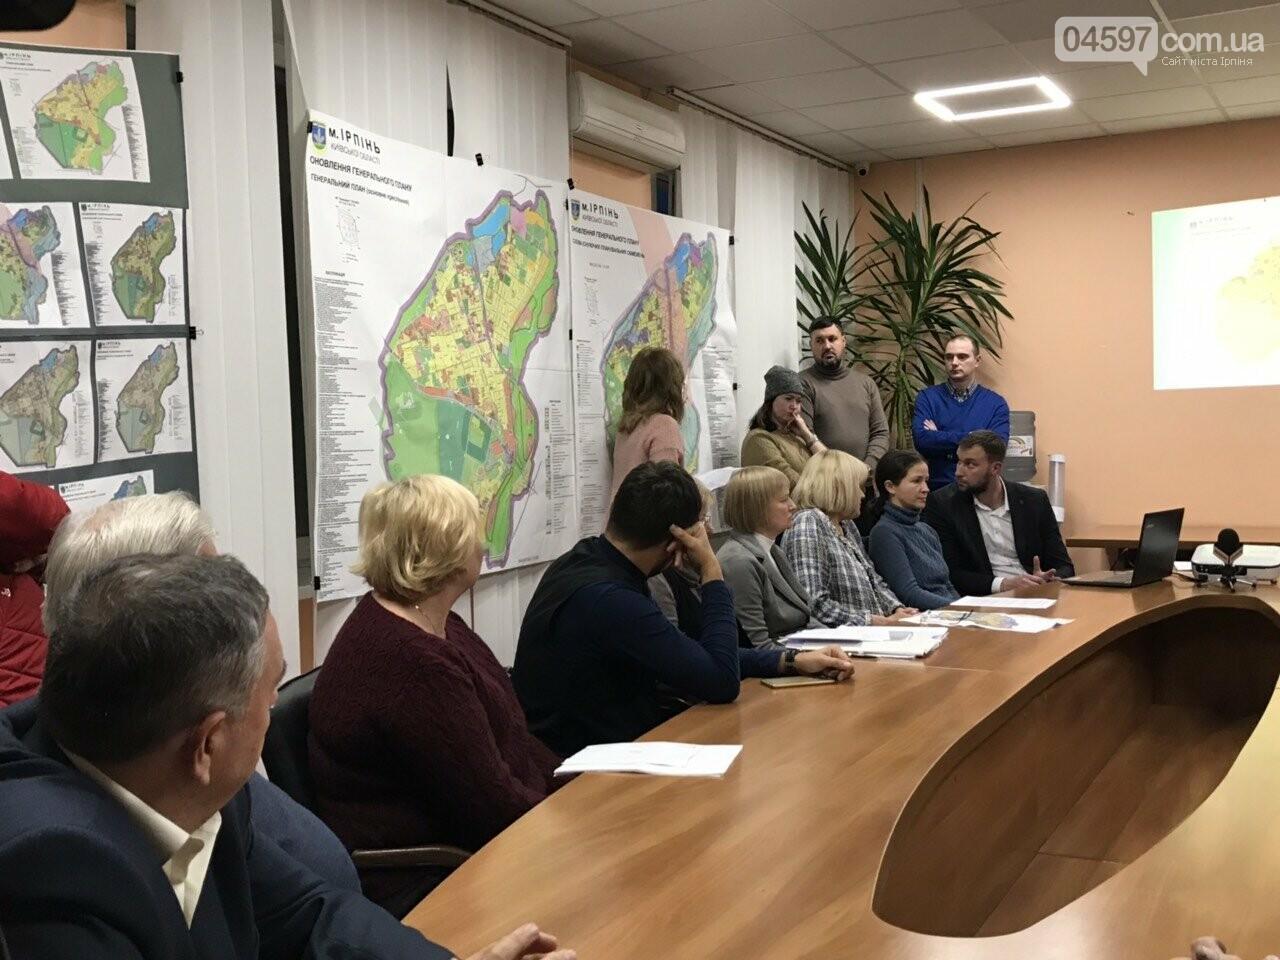 Містобудівна рада затвердила проект оновлення генплану Ірпеня, фото-5